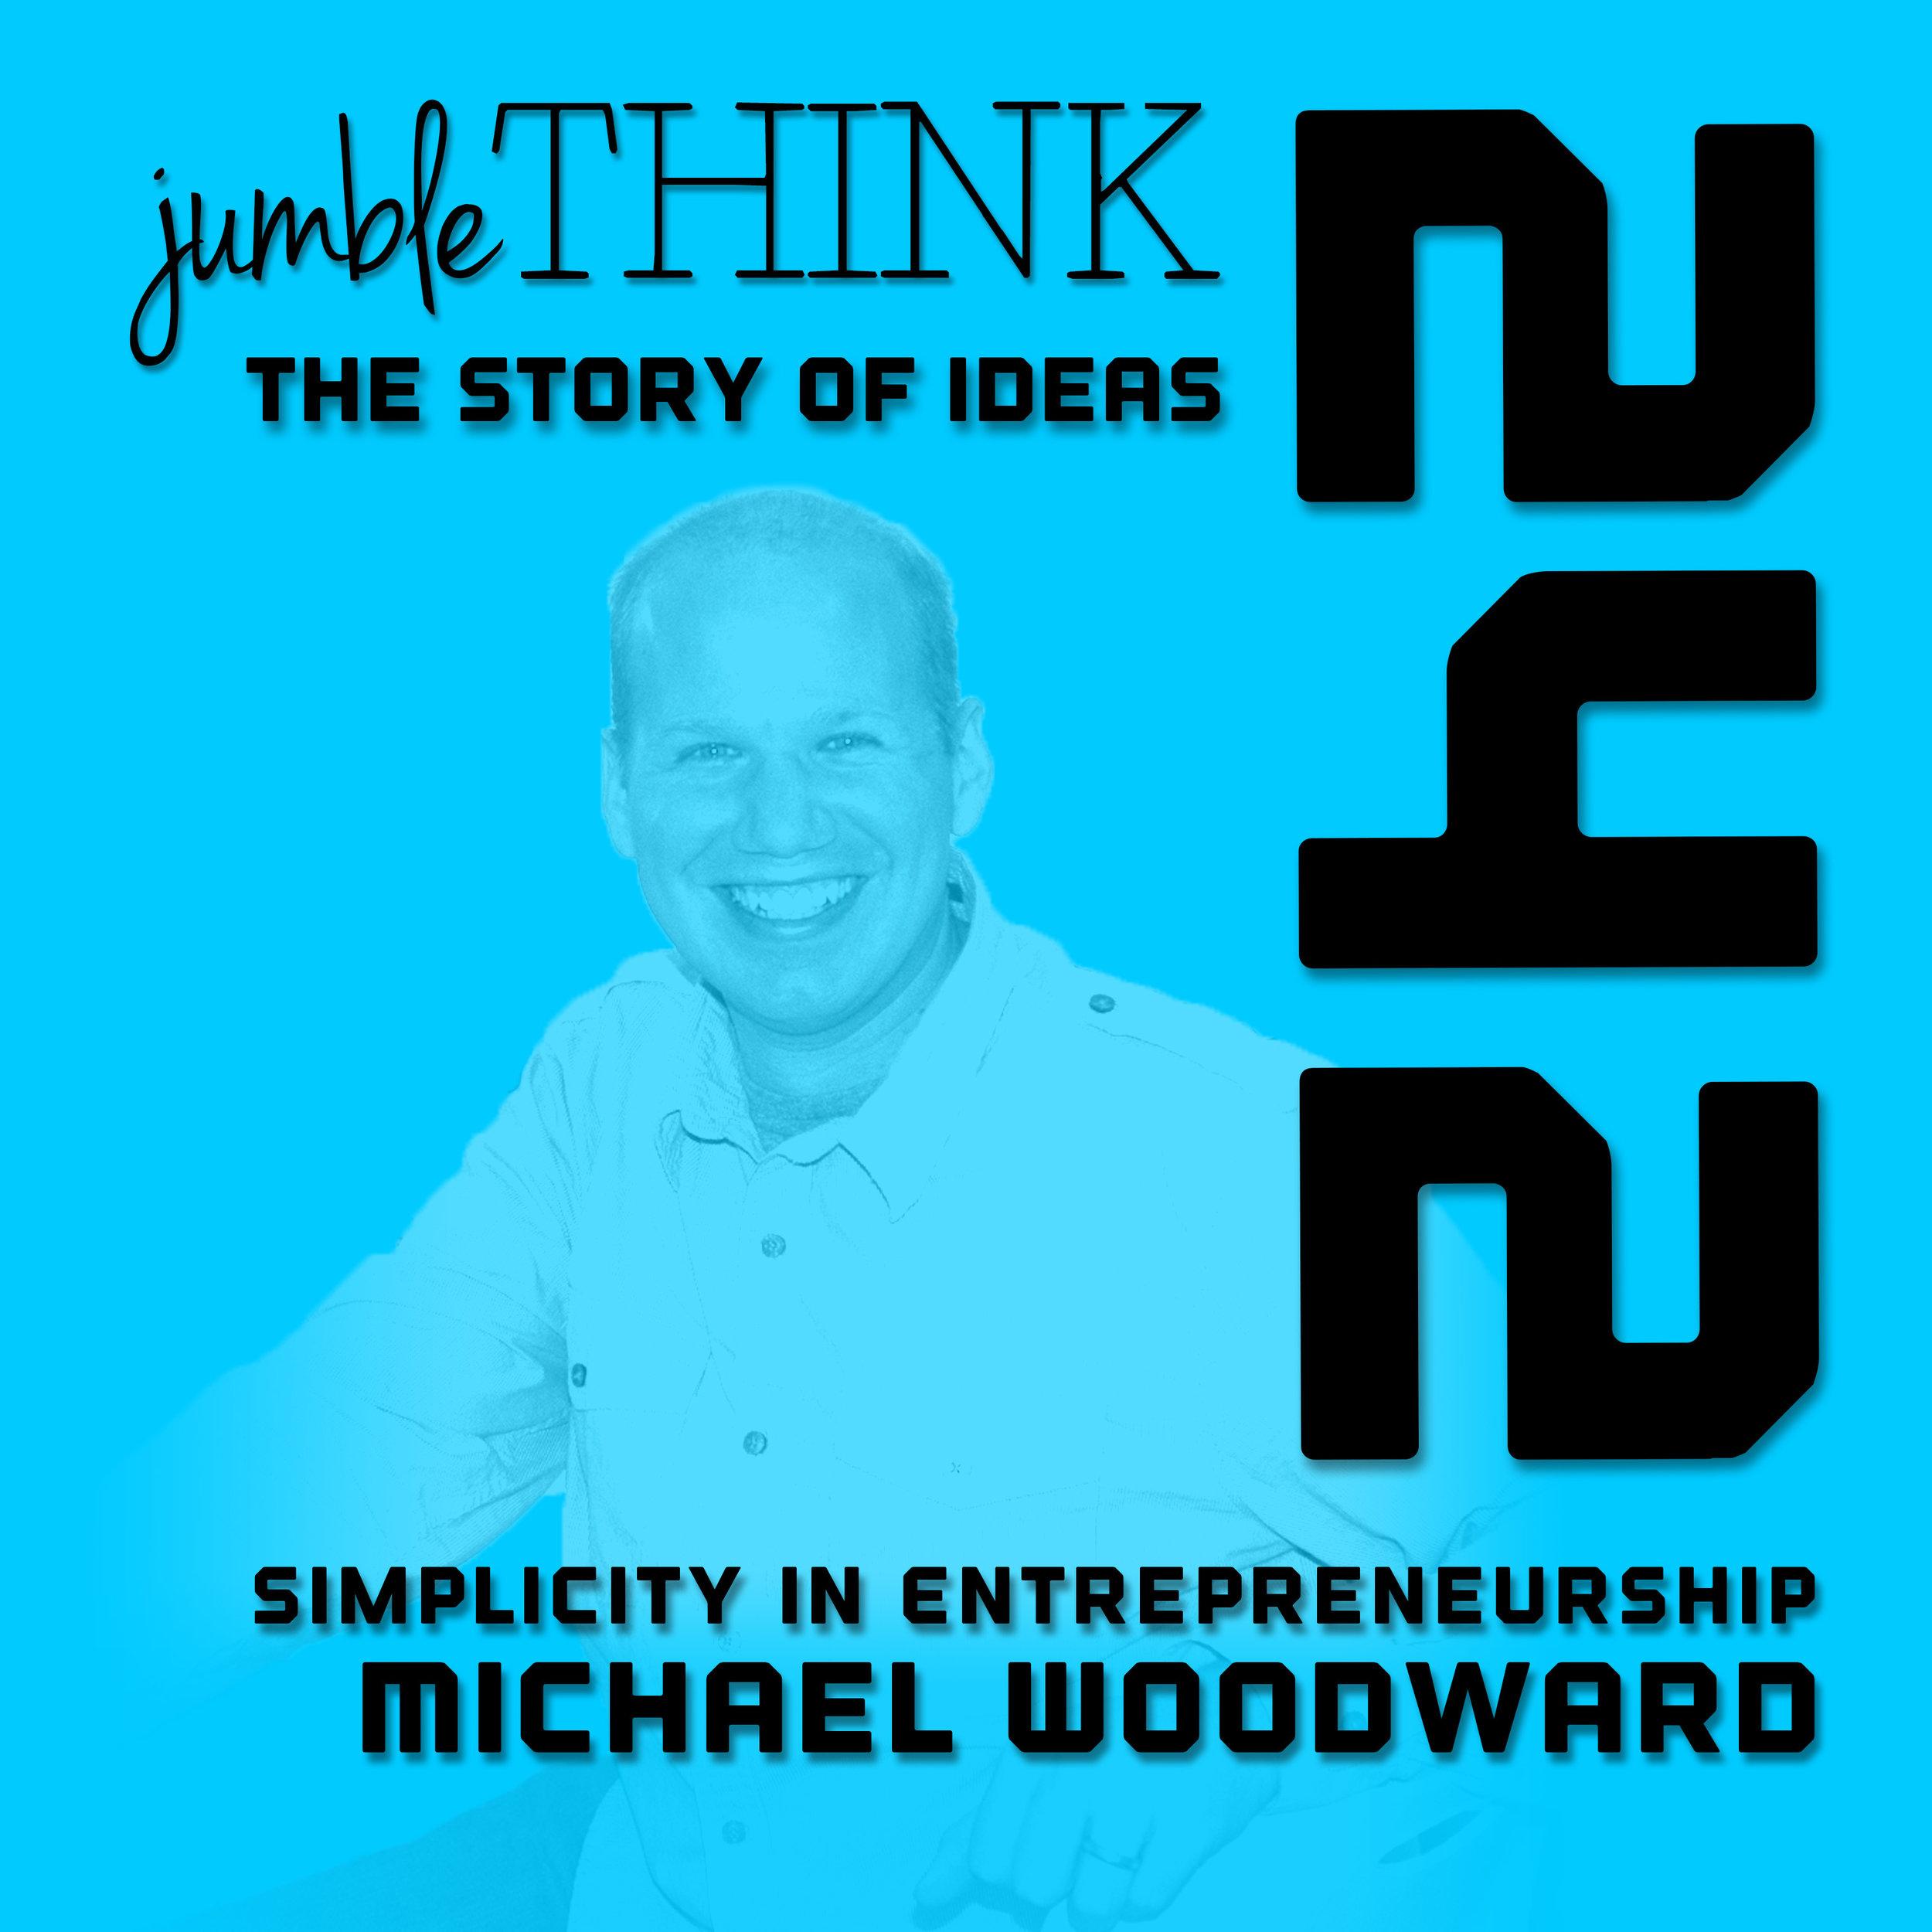 E242-simple-entrepreneurship.jpg